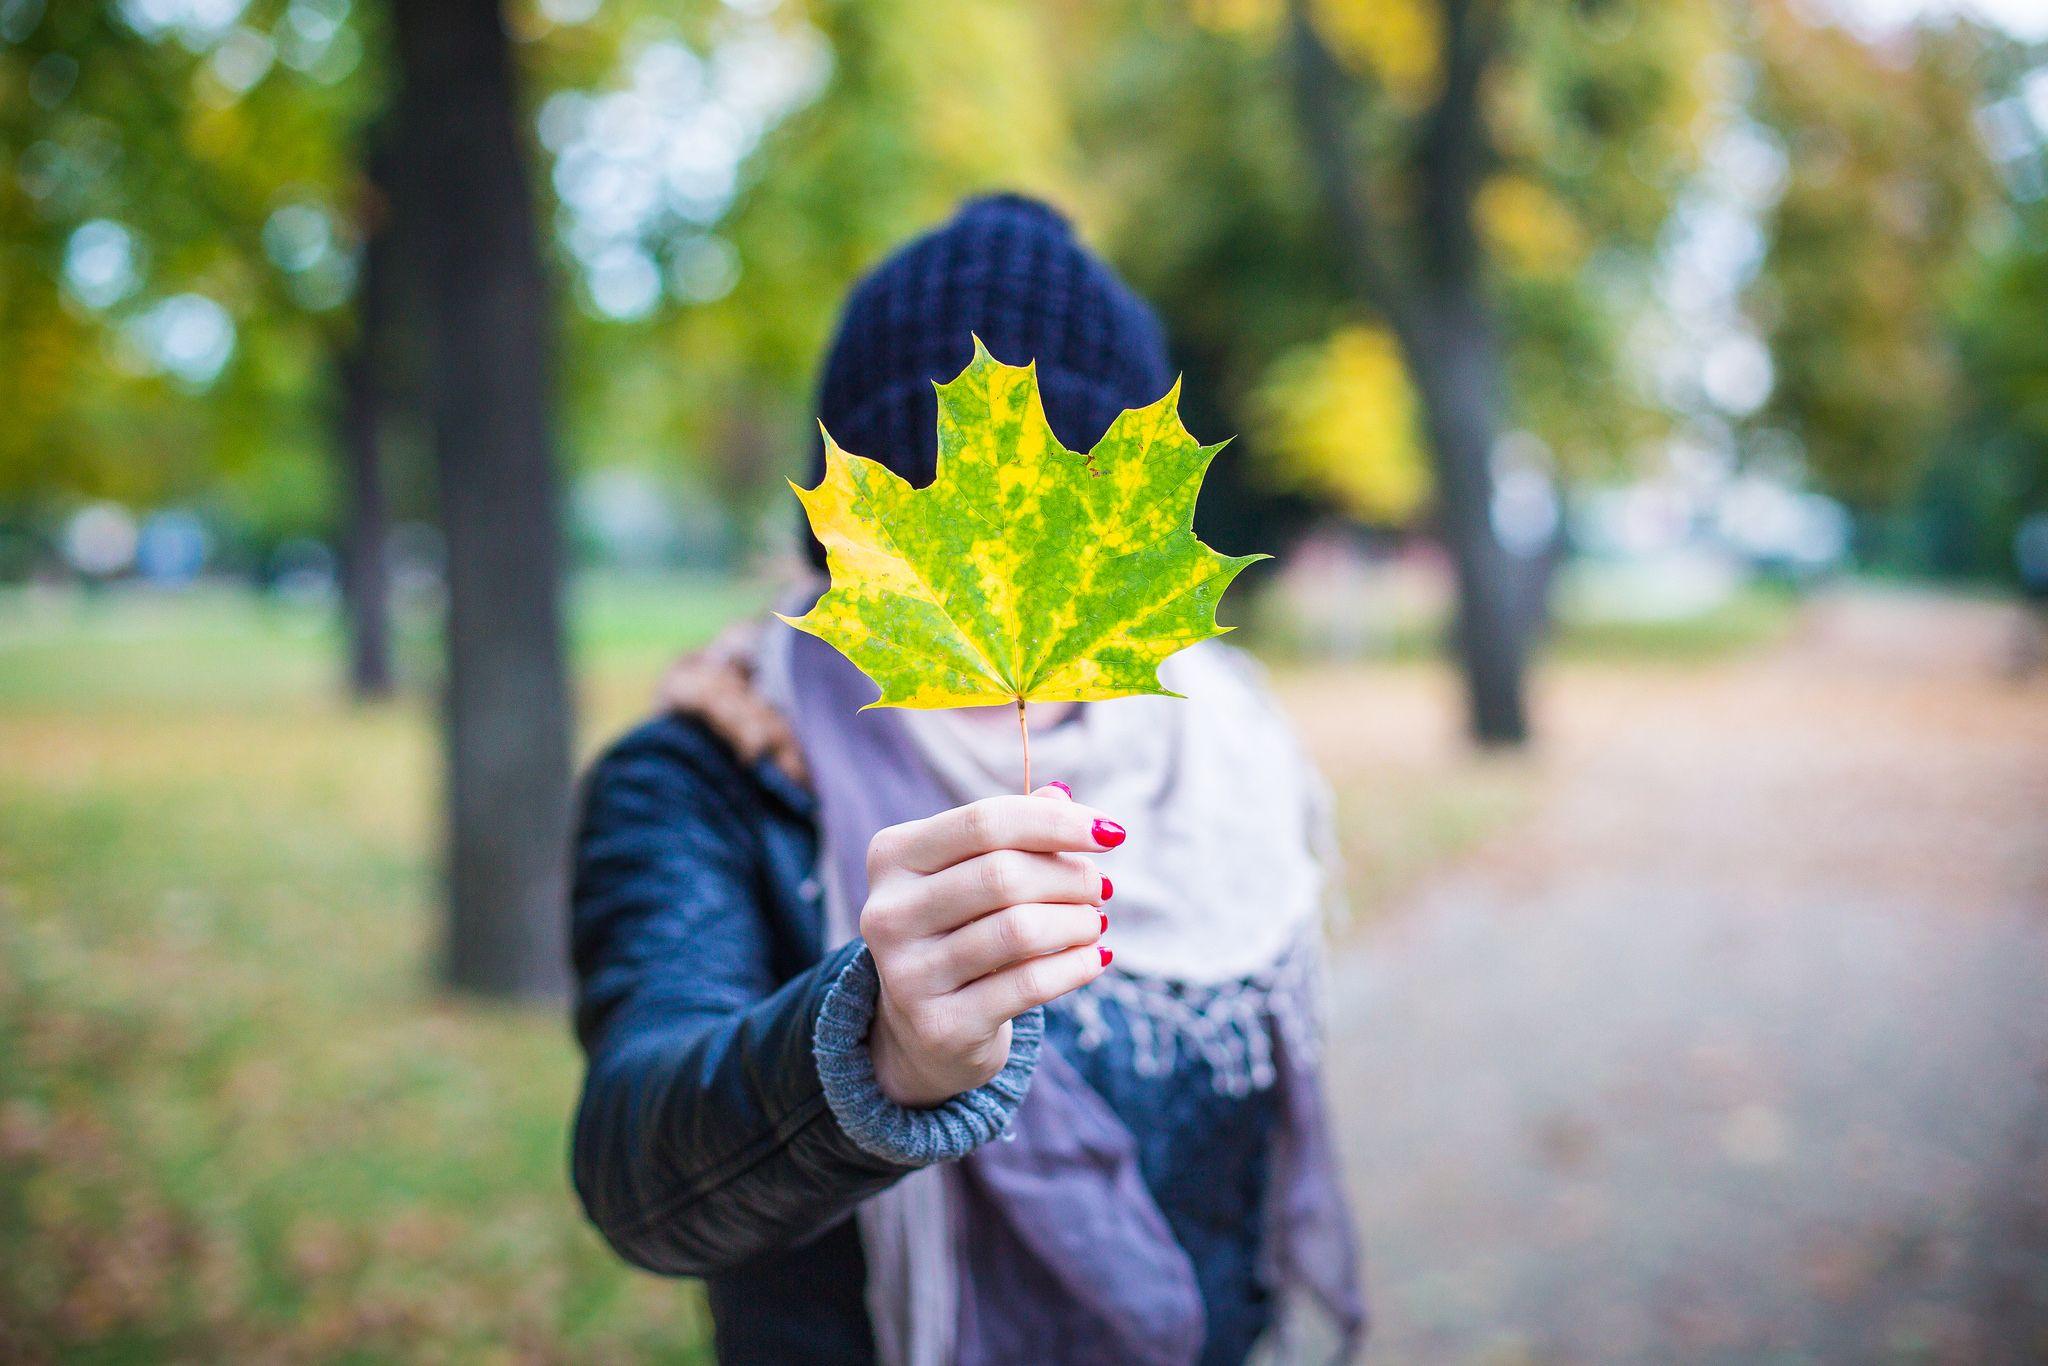 Descarga esta imagen de una chica sosteniendo una hoja totalmente gratis y libre de derechos para utilizar en tu web o blog. > http://imagenesgratis.eu/imagen-gratis-de-una-chica-sosteniendo-una-hoja/